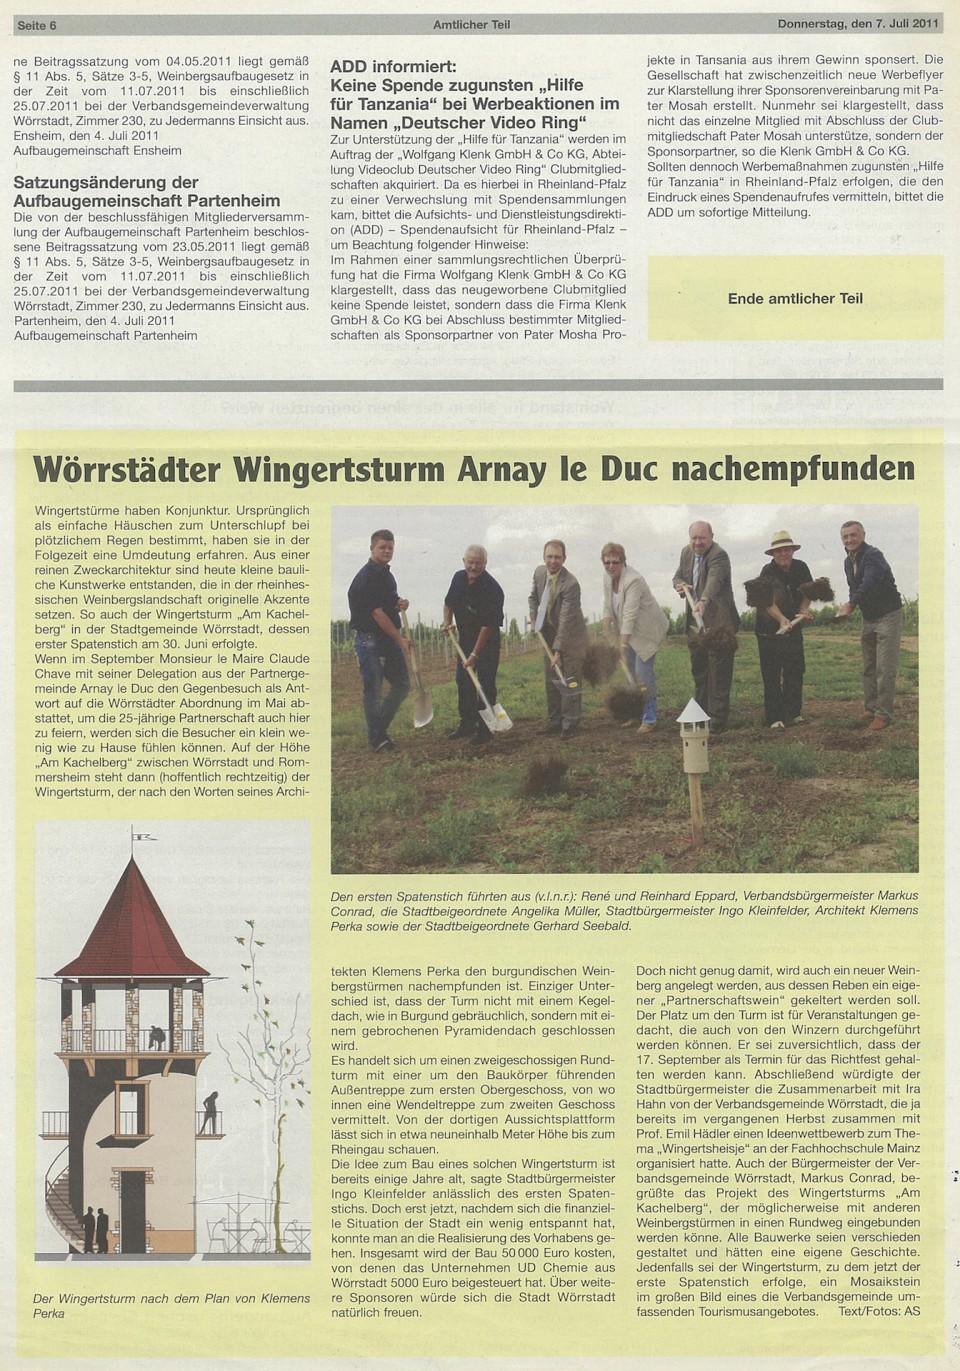 Der Weinbergturm in der Zeitung